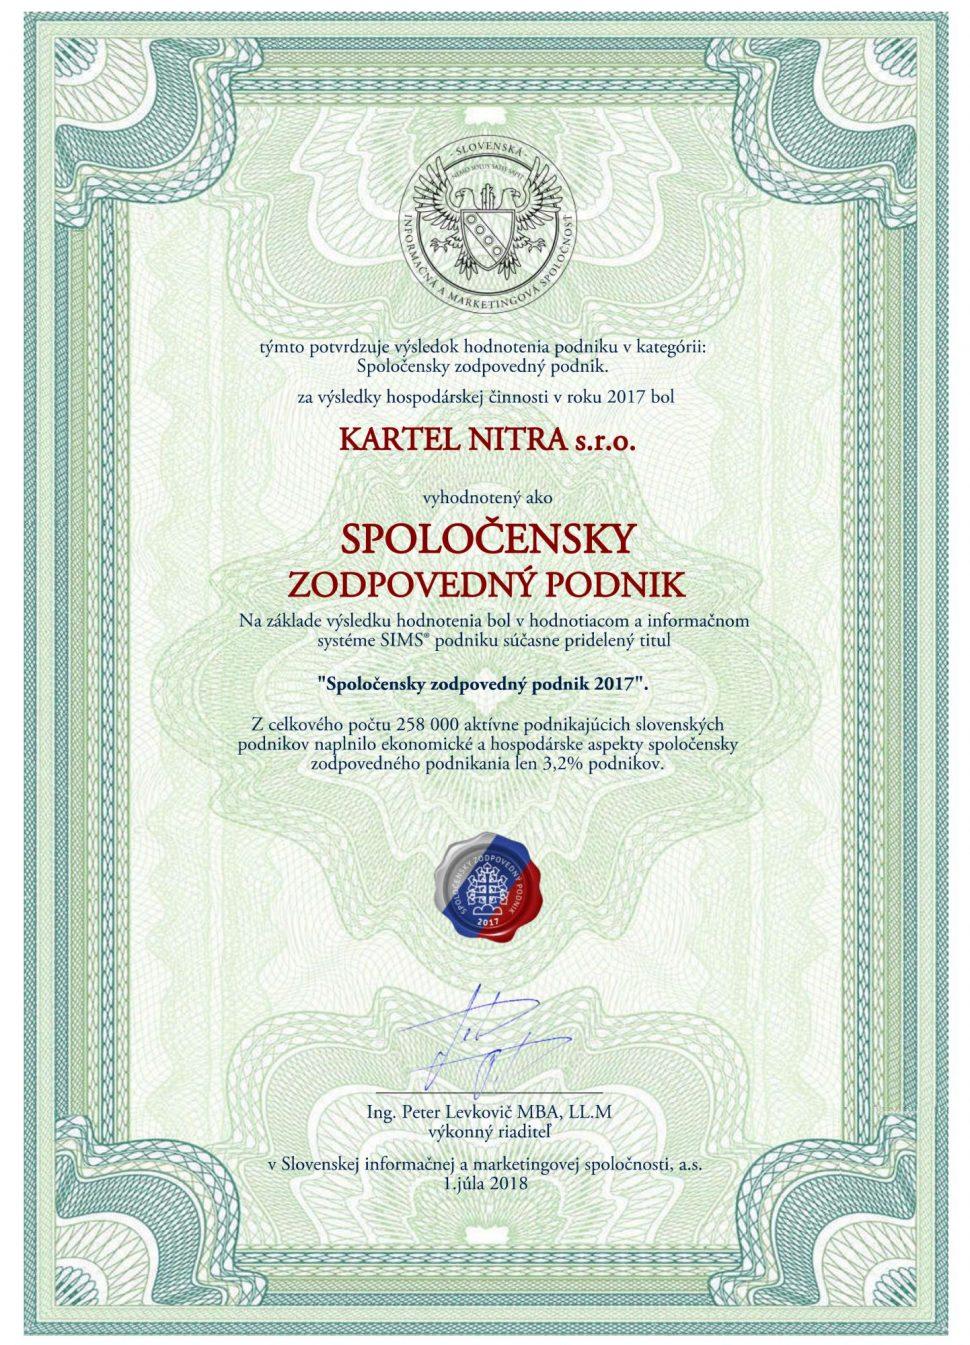 Kartel Nitra - stavebniny